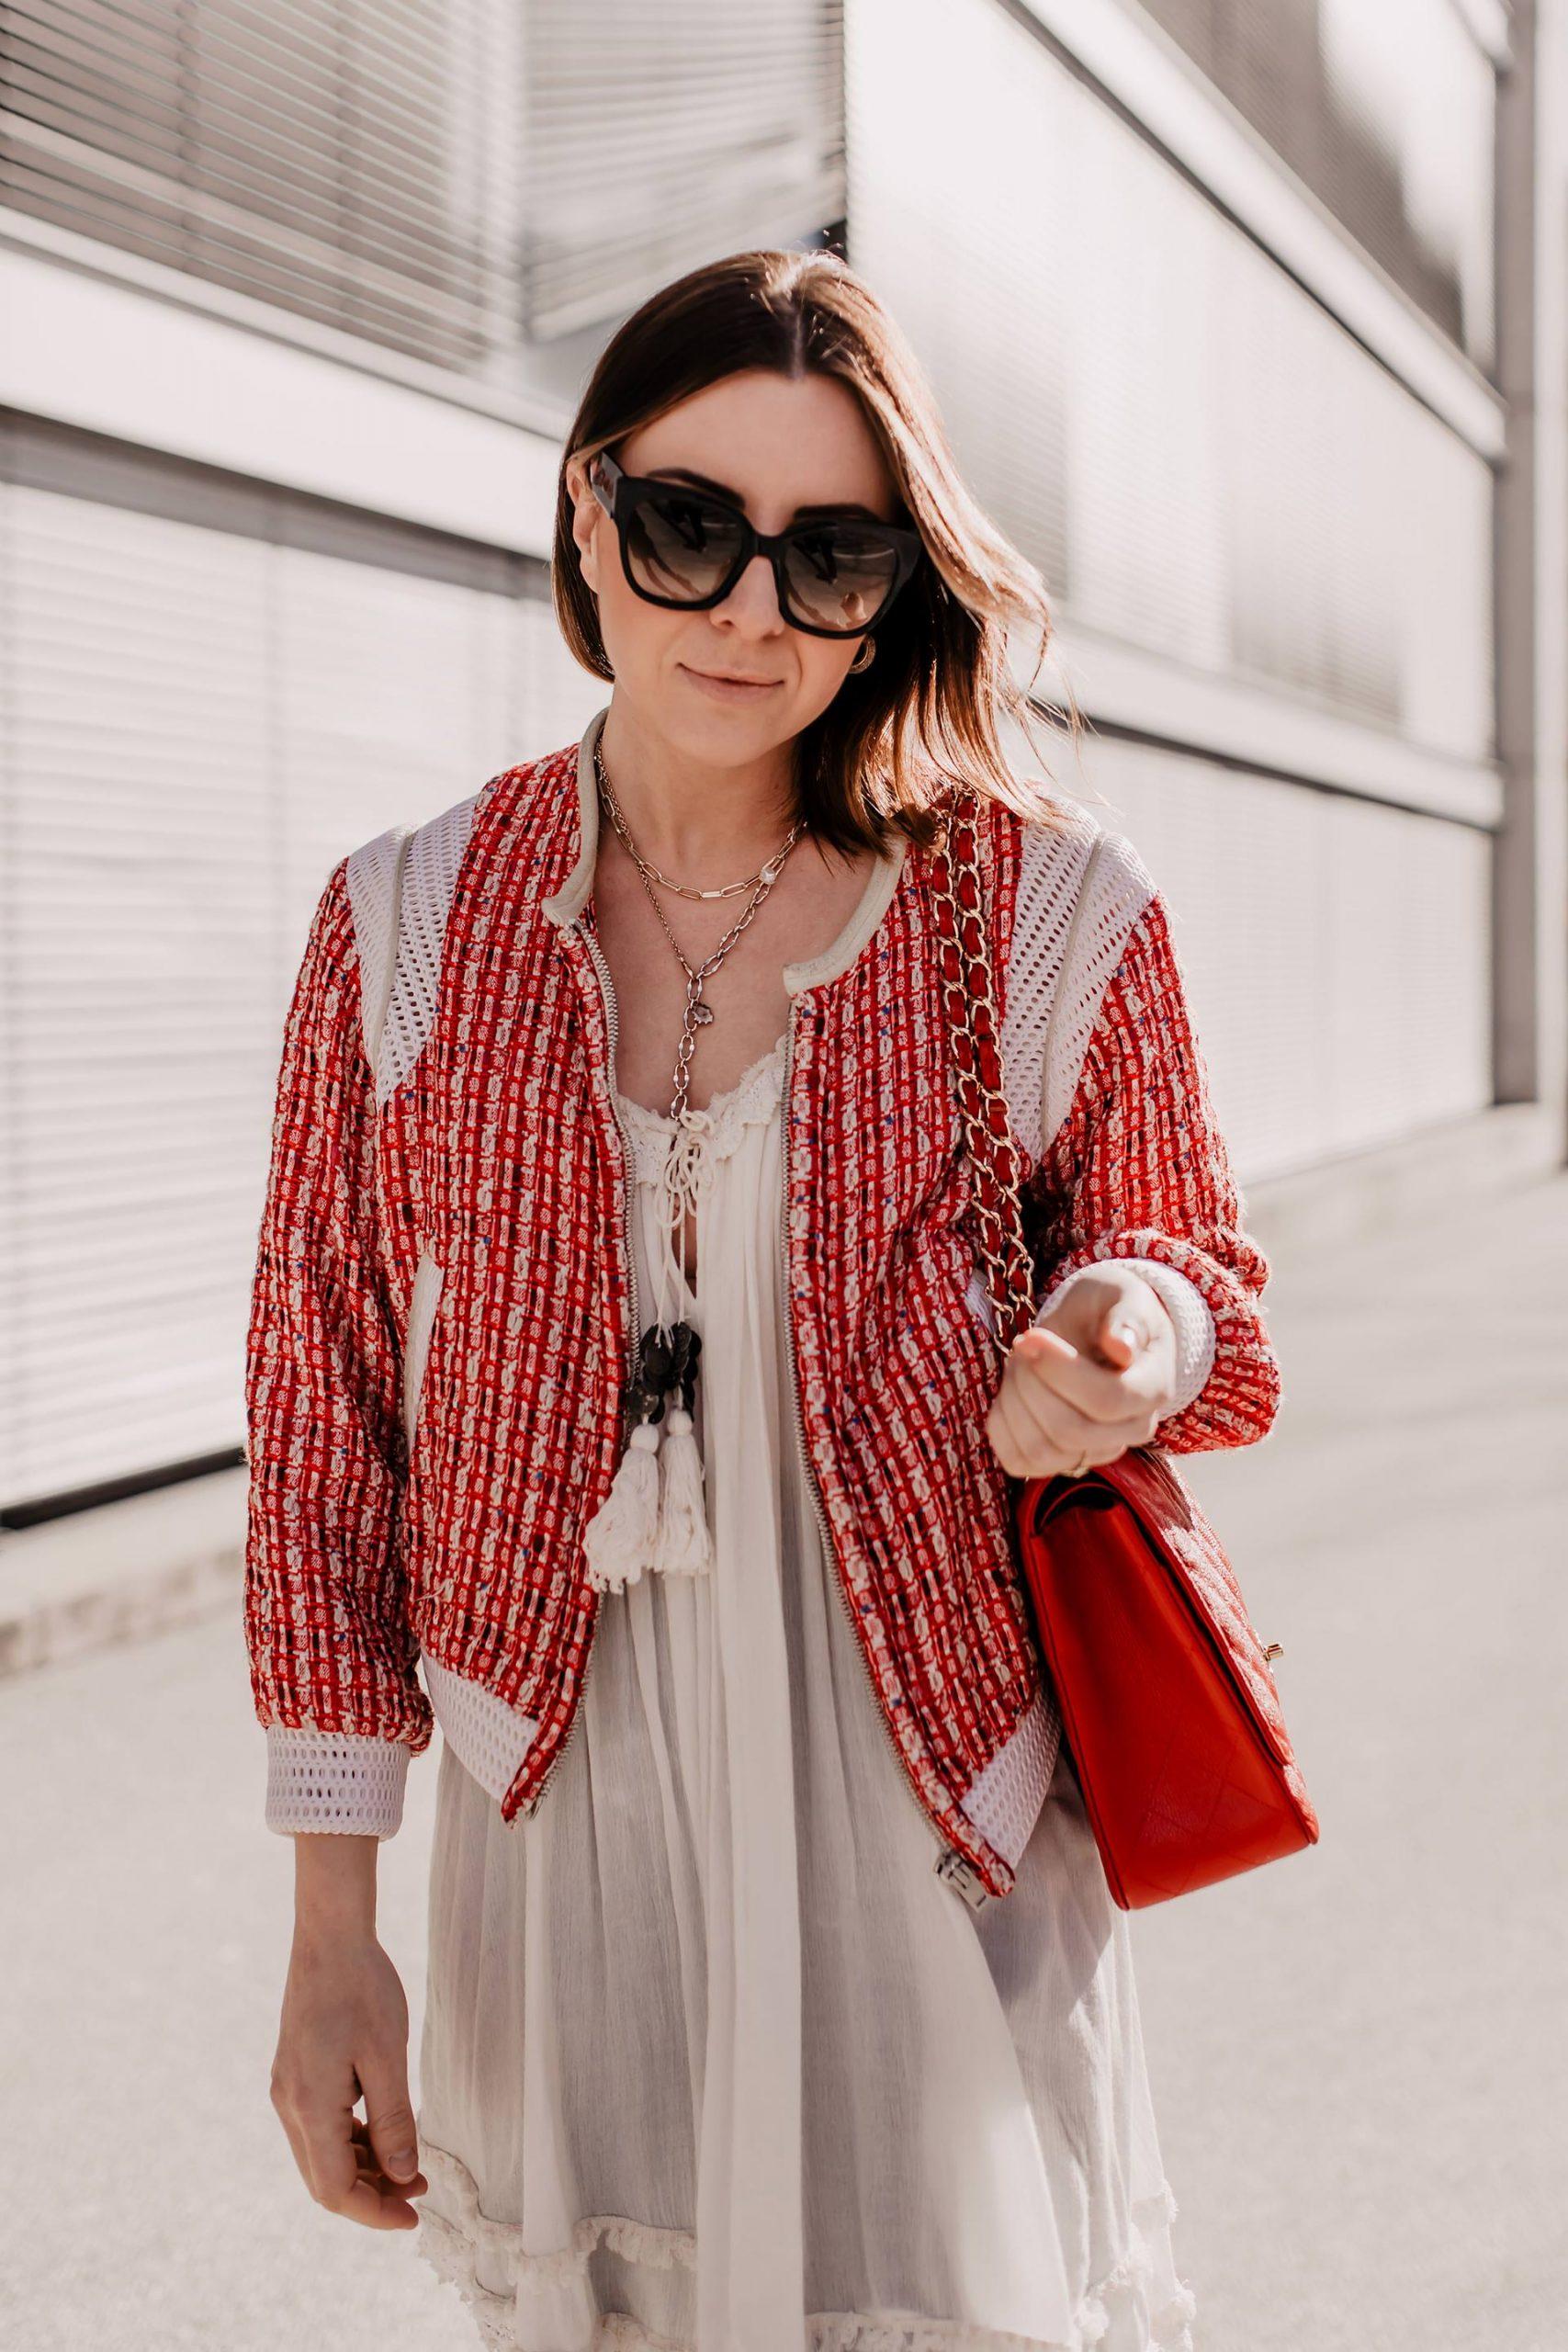 Du möchtest deine Tunika kombinieren und suchst noch nach den passenden Outfit-Inspirationen? Genau dafür ist mein Modeblog da. Ich zeige dir ein alltagstaugliches Frühlingsoutfit mit einem wunderschönen Hängerkleid. www.whoismocca.com #tunika #frühlingsoutfit